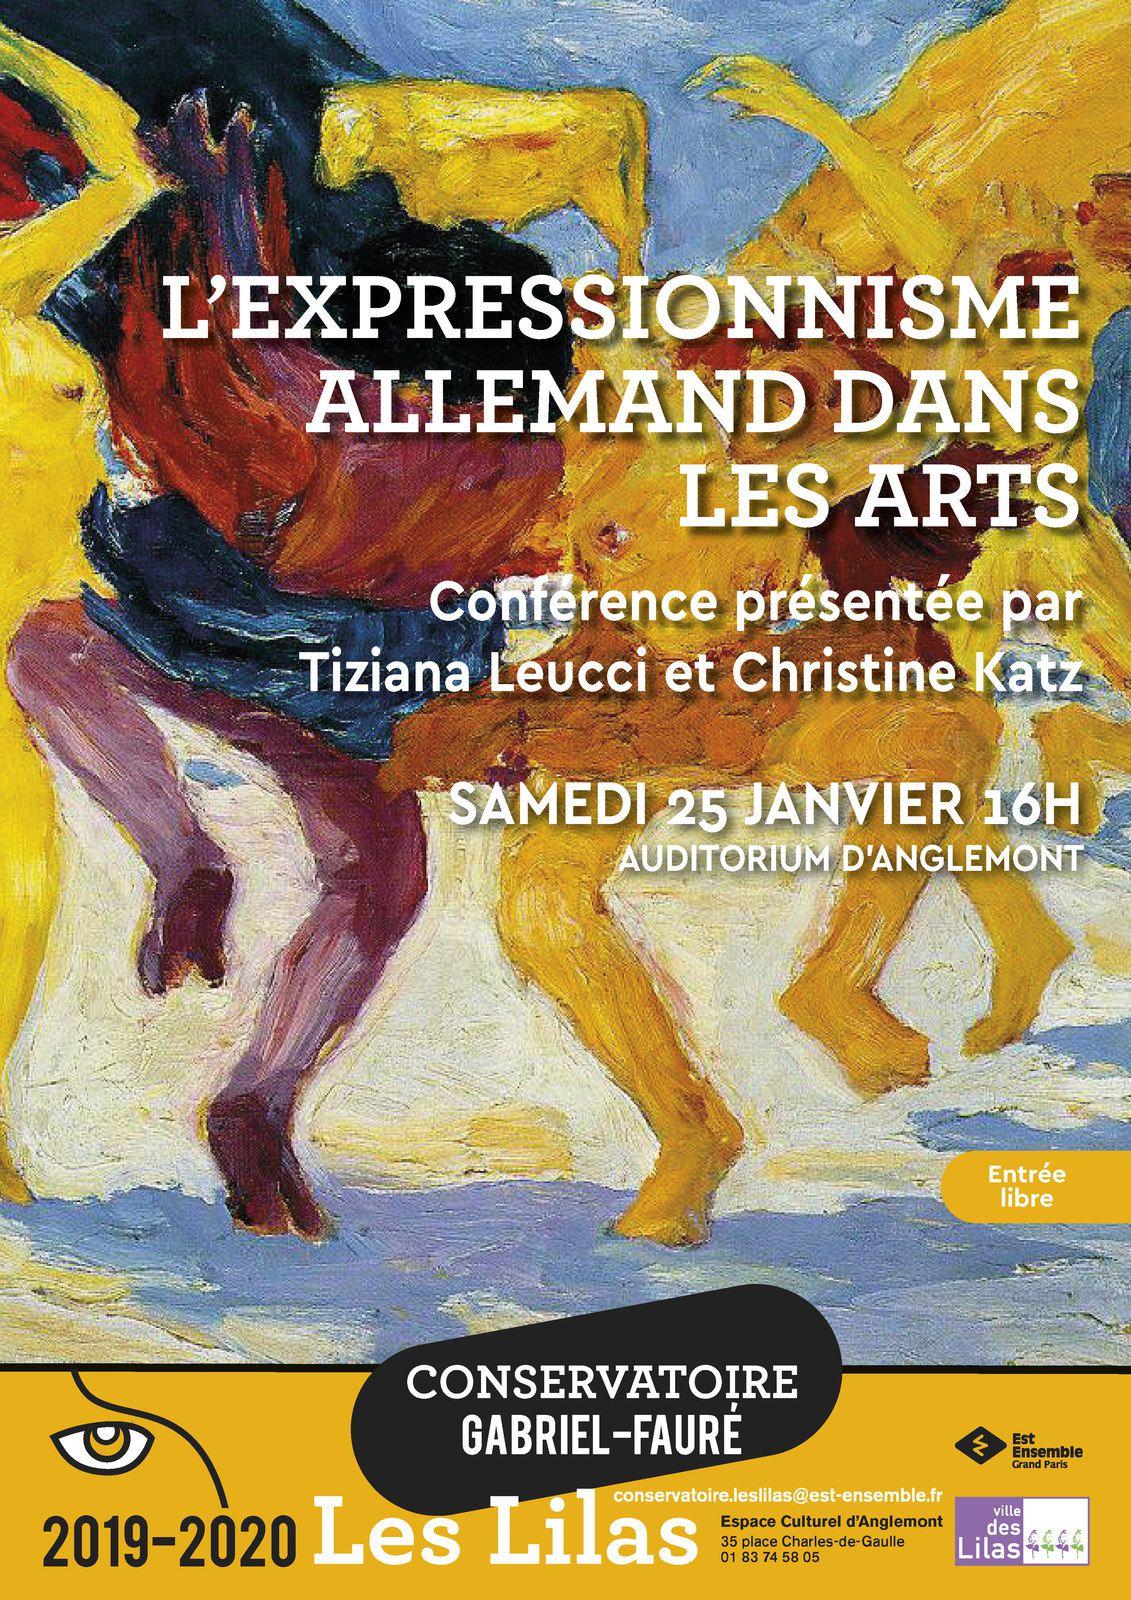 Conférence de Tiziana Leucci et de Christine Katz le samedi 25 janvier à 16h à l'Auditorium d'Anglemont (Conservatoire Gabriel-Fauré).Elles aborderont l'expressionnisme allemand dans les arts, en particulier dans la danse, la musique, la peinture, le théâtre et le cinéma.Elles analyseront le contexte historique et politique dans lequel ce mouvement est né et s'est ensuite développé, ainsi que l'apport des différents auteurs dans chaque domaine artistique.